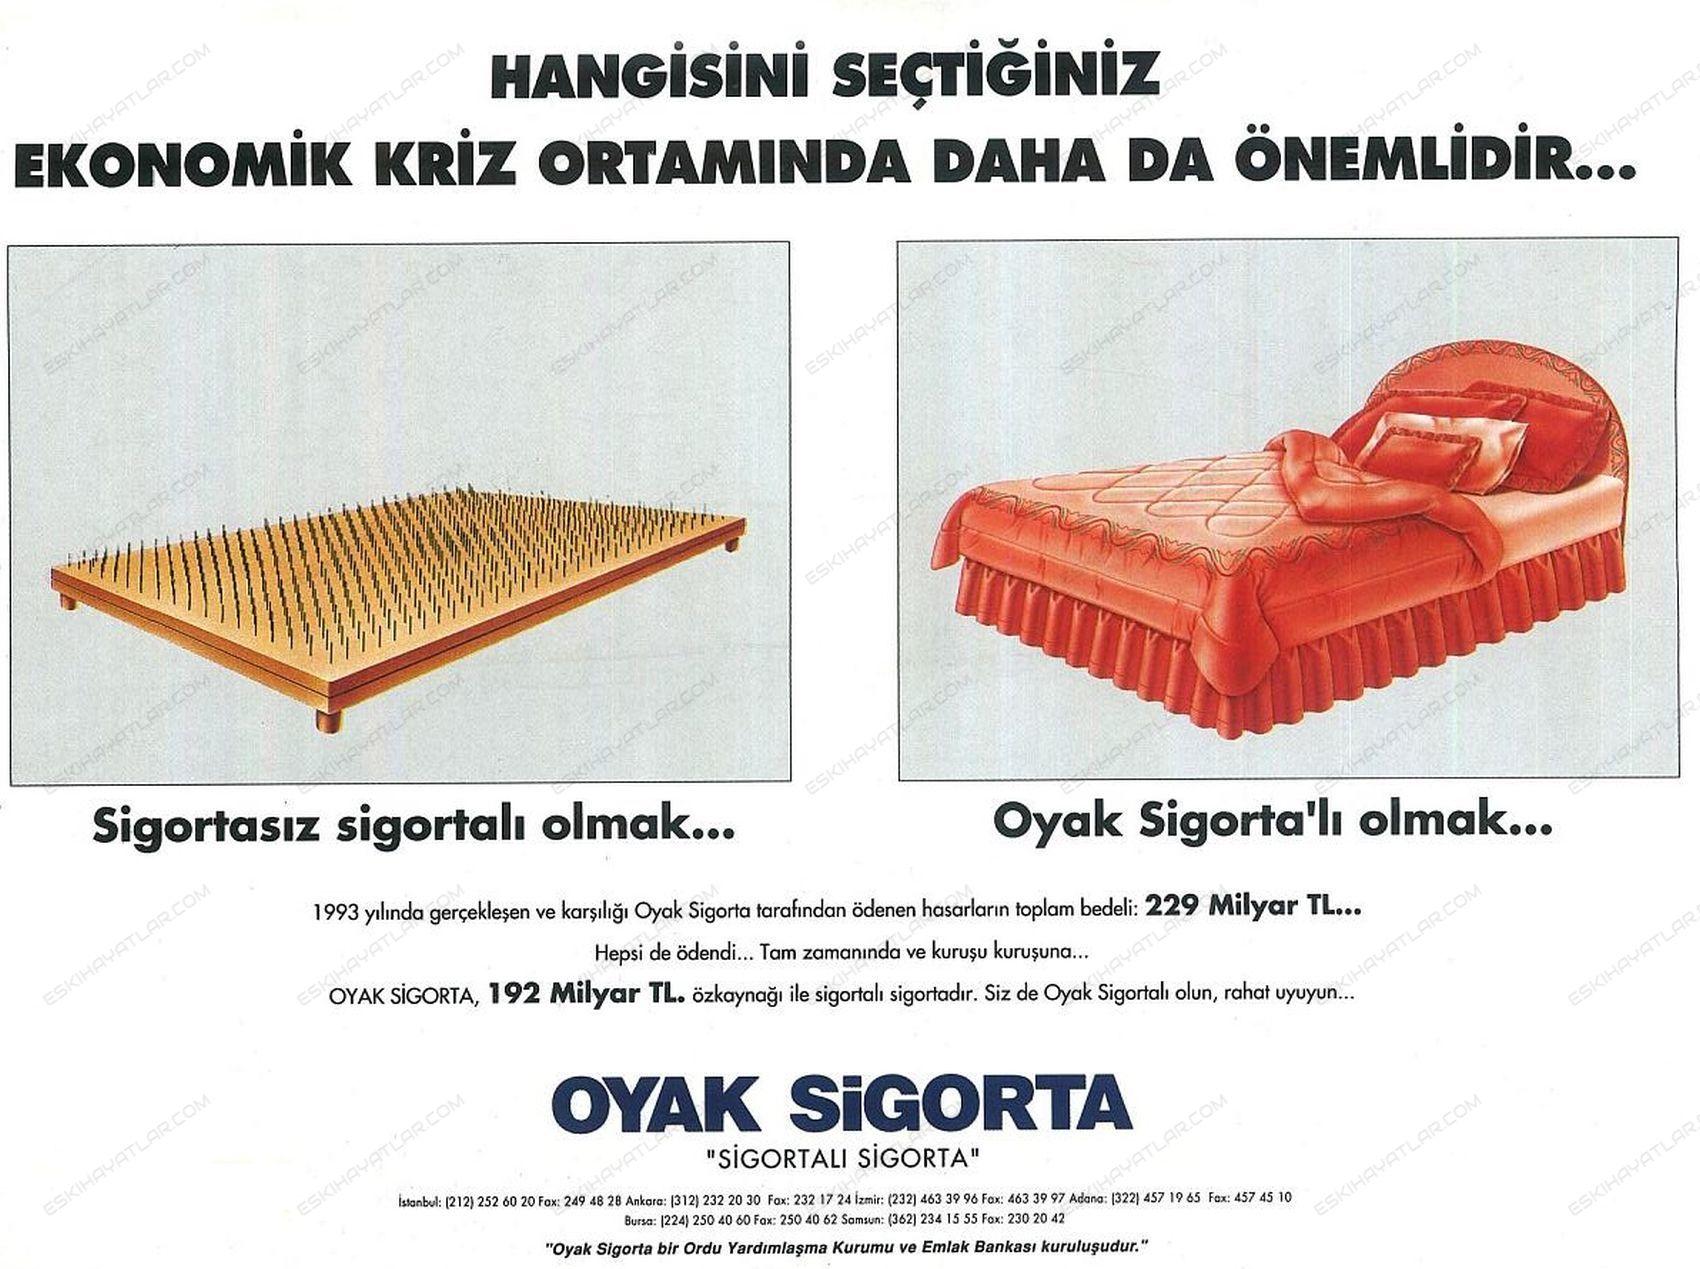 0374-oyak-sigorta-1994-yili-reklamlari